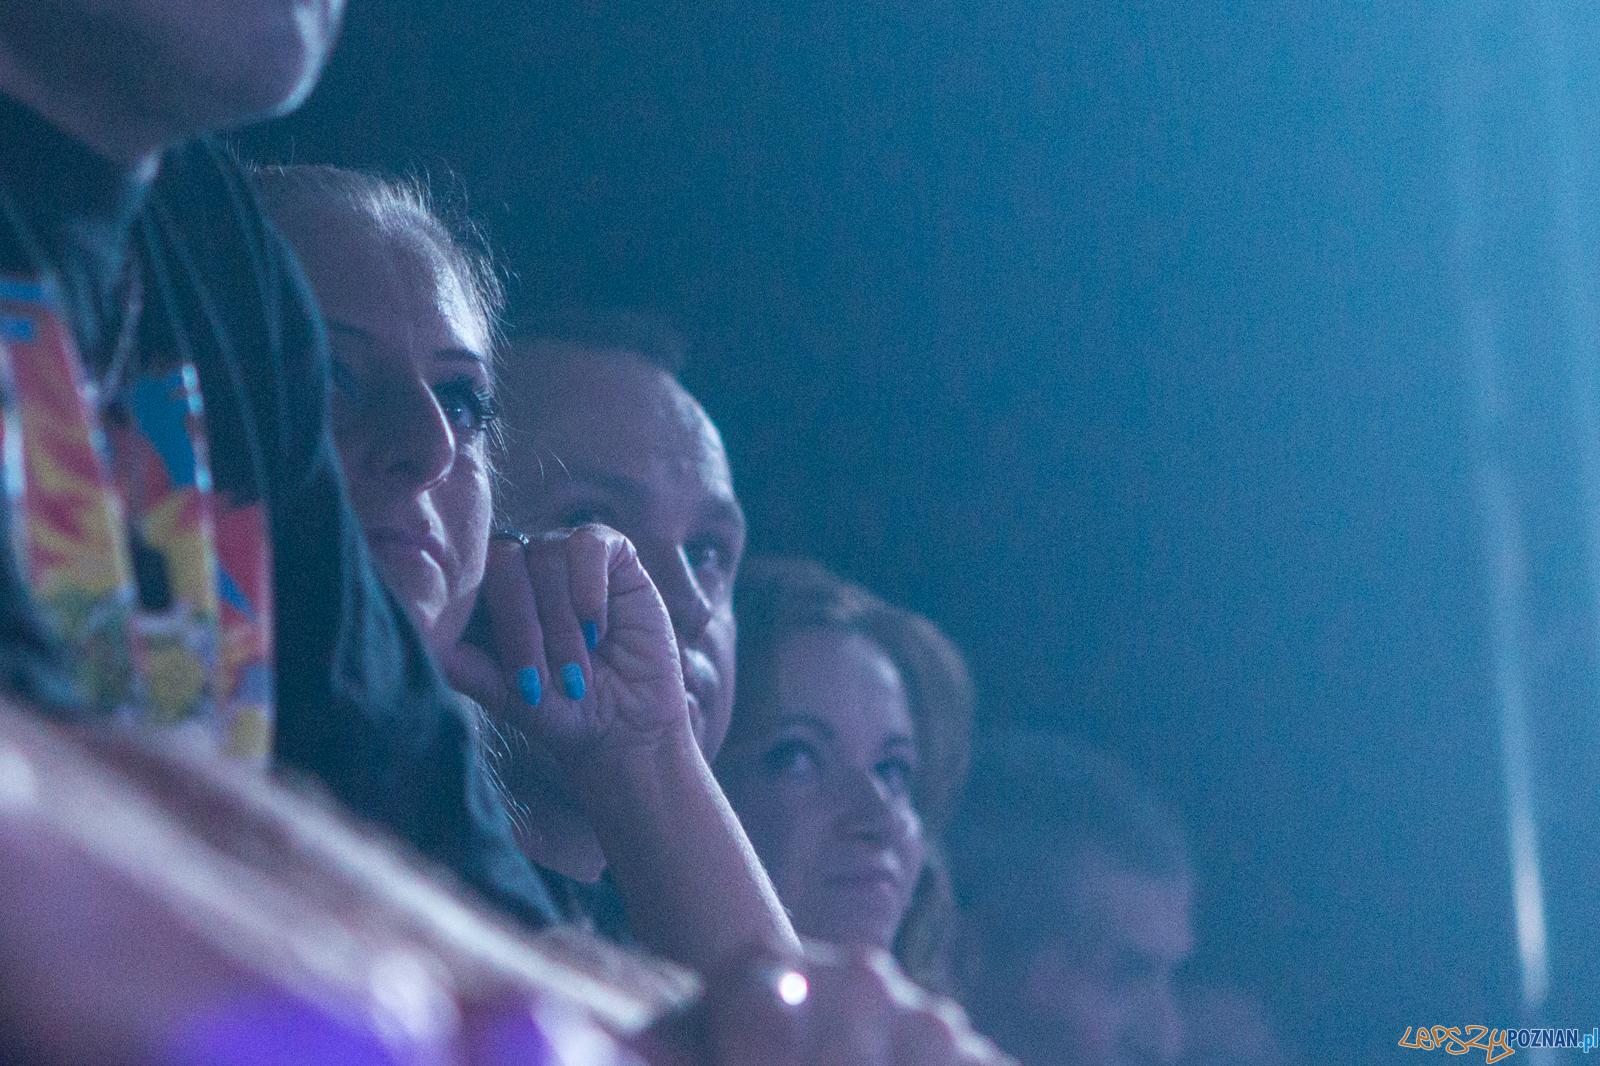 """Zespół Arena w klubie """"u Bazyla"""" - Poznań 16.05.2018 r.  Foto: LepszyPOZNAN.pl / Paweł Rychter"""